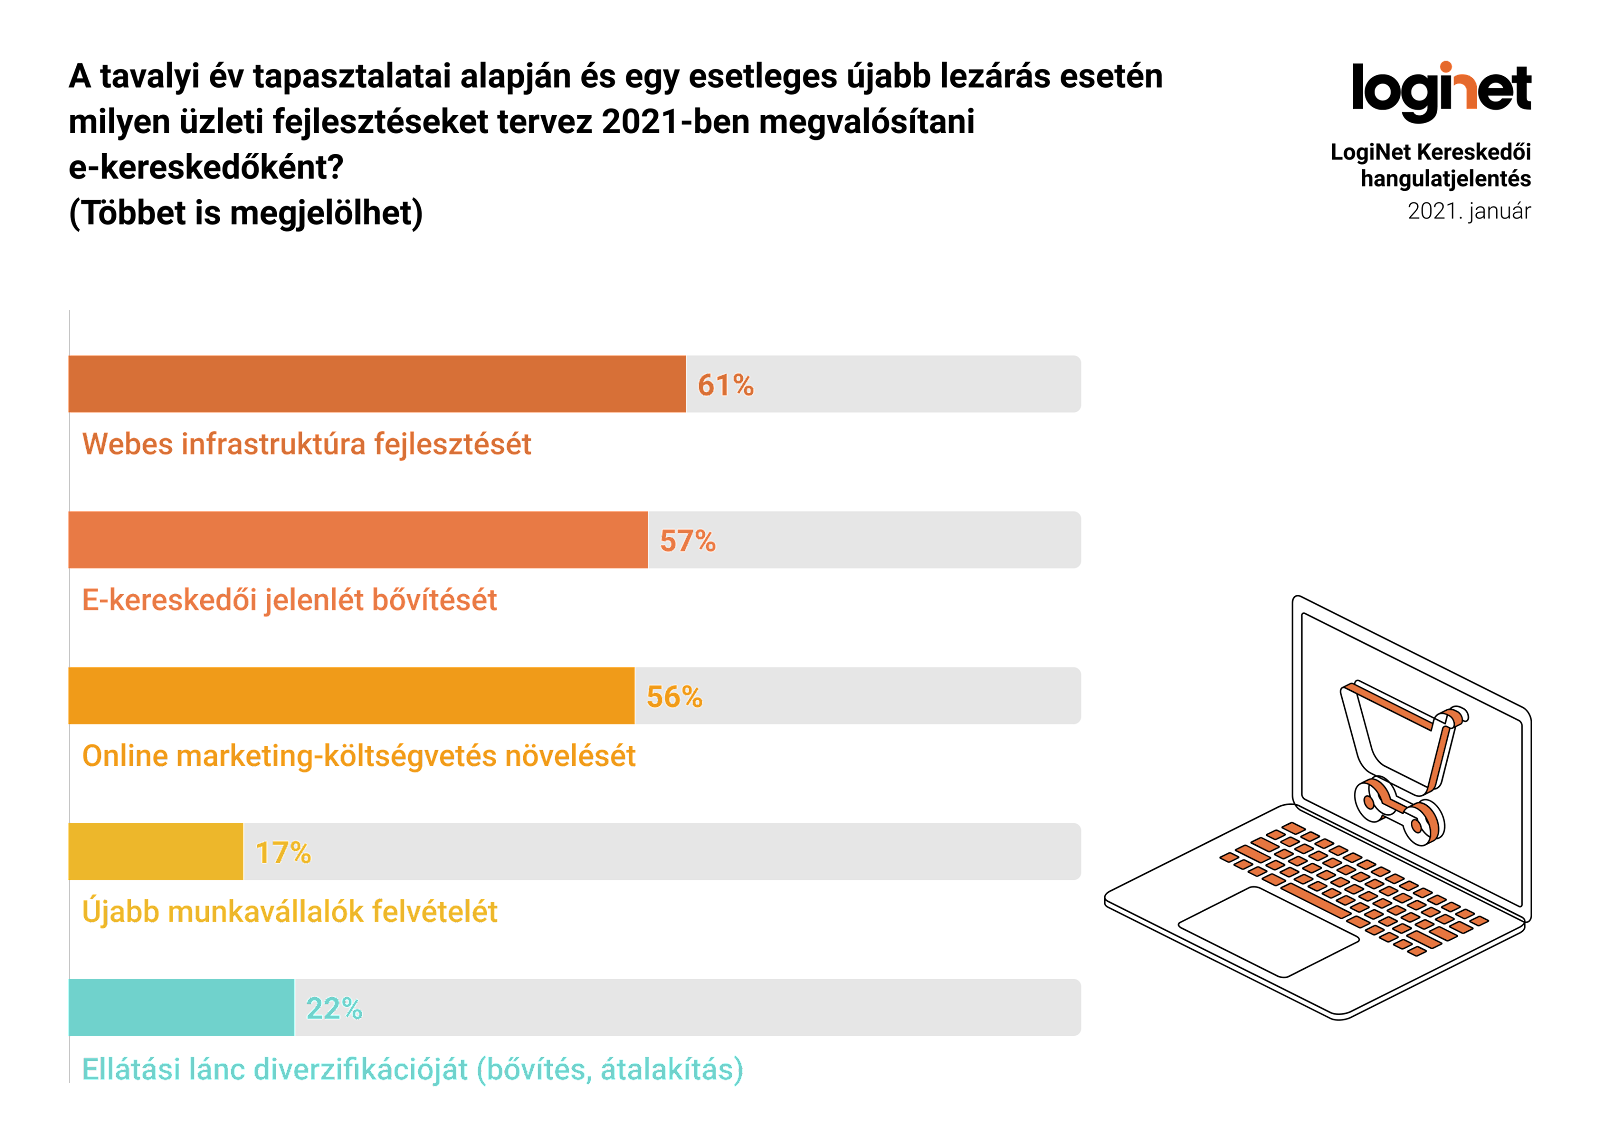 Milyen online fejlesztéseket tervez 2021-ben? - LogiNet Kereskedeő hangulatjelentése alapján